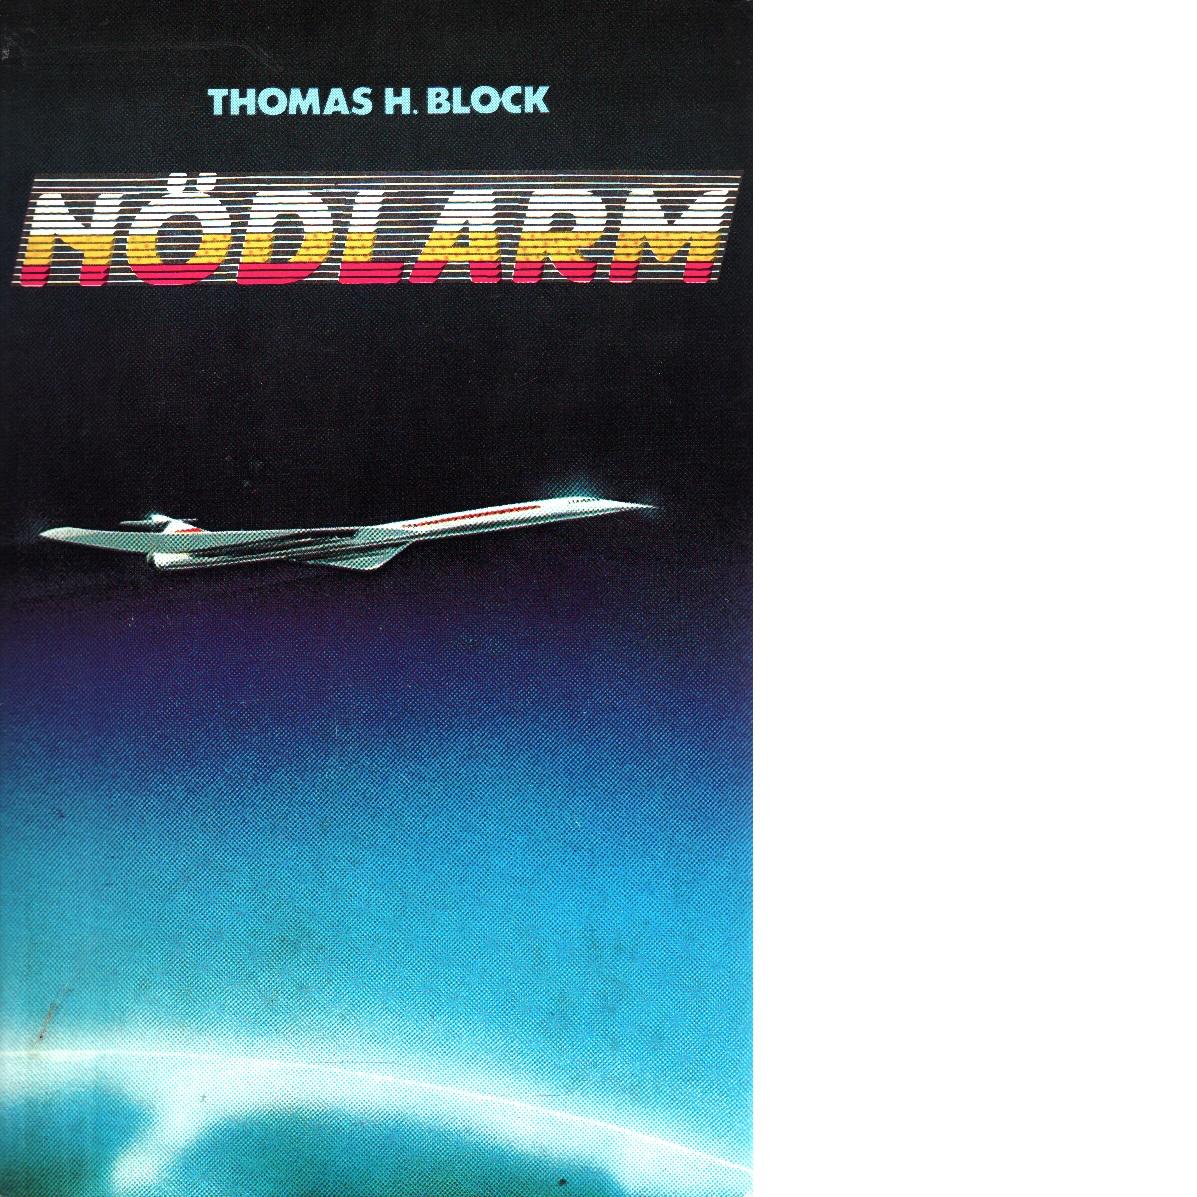 Nödlarm - Block, Thomas